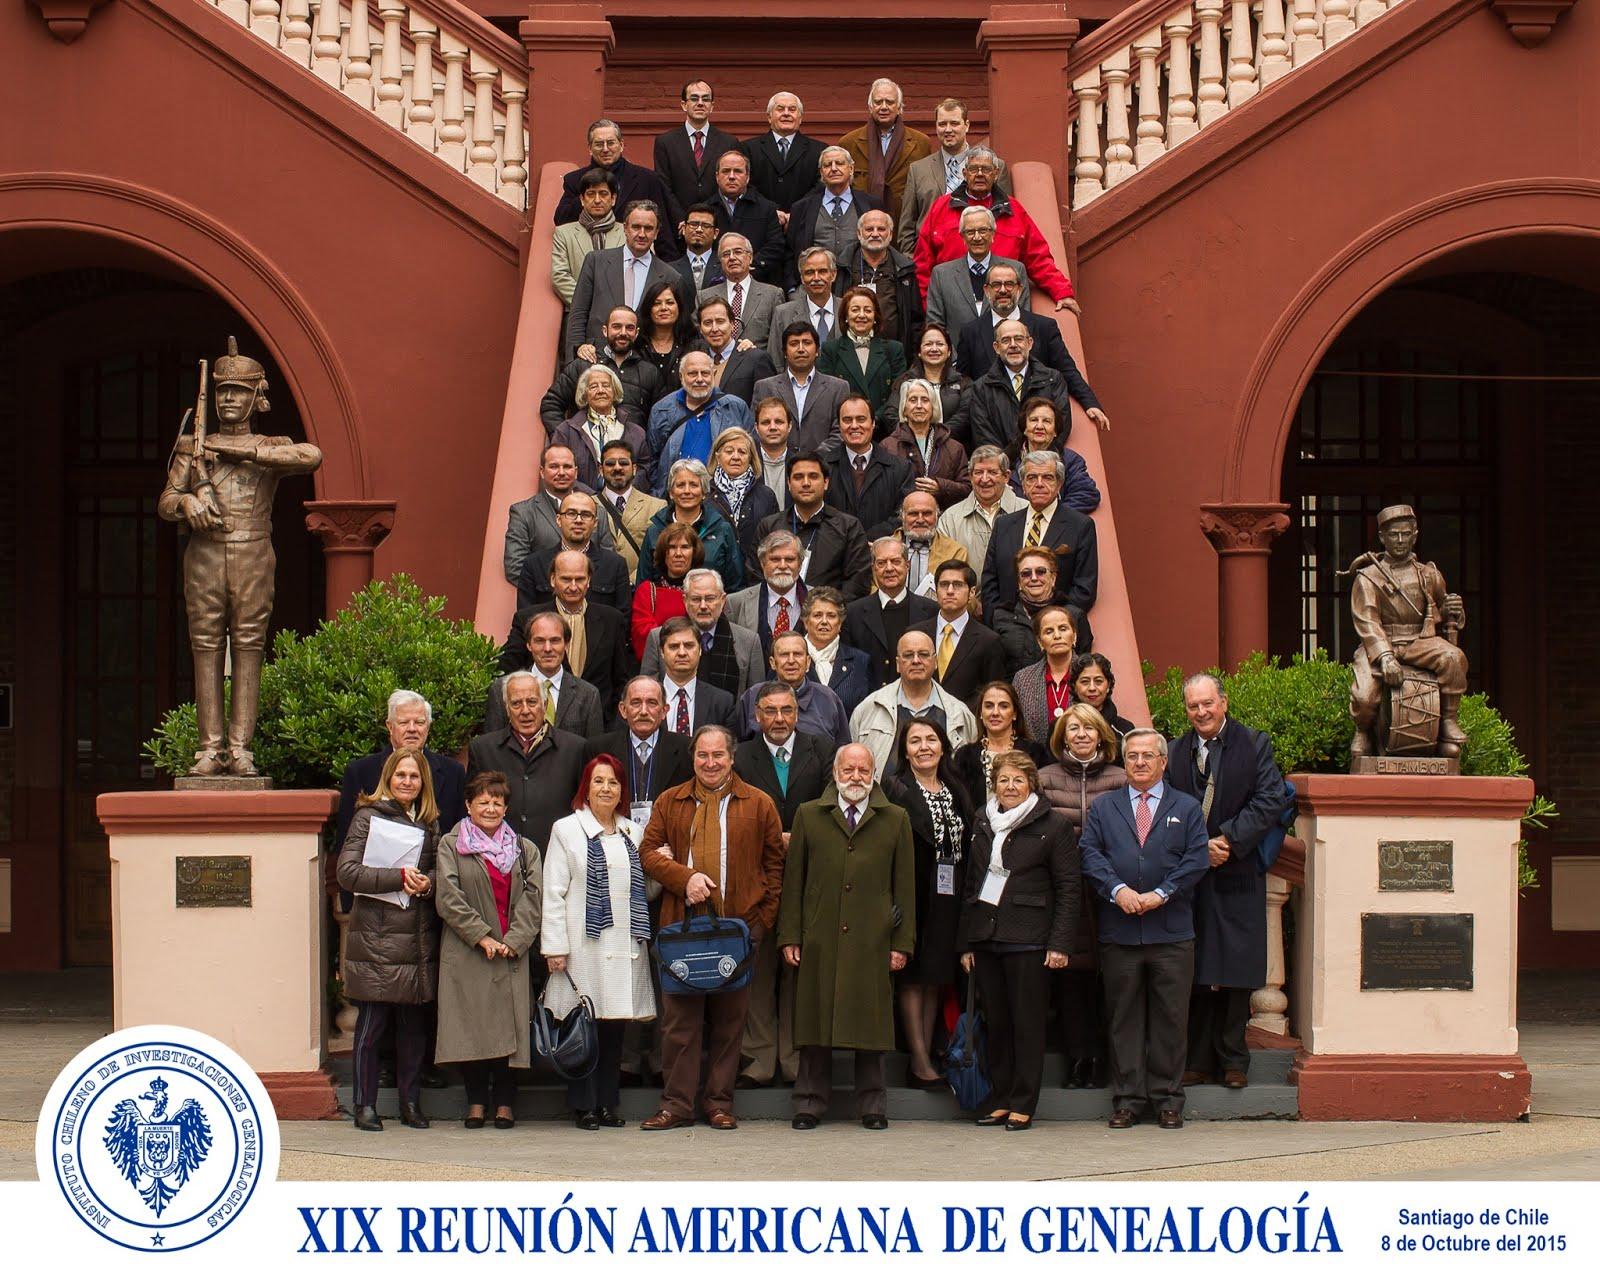 XIX Reunión Americana de Genealogía, en Santiago de Chile